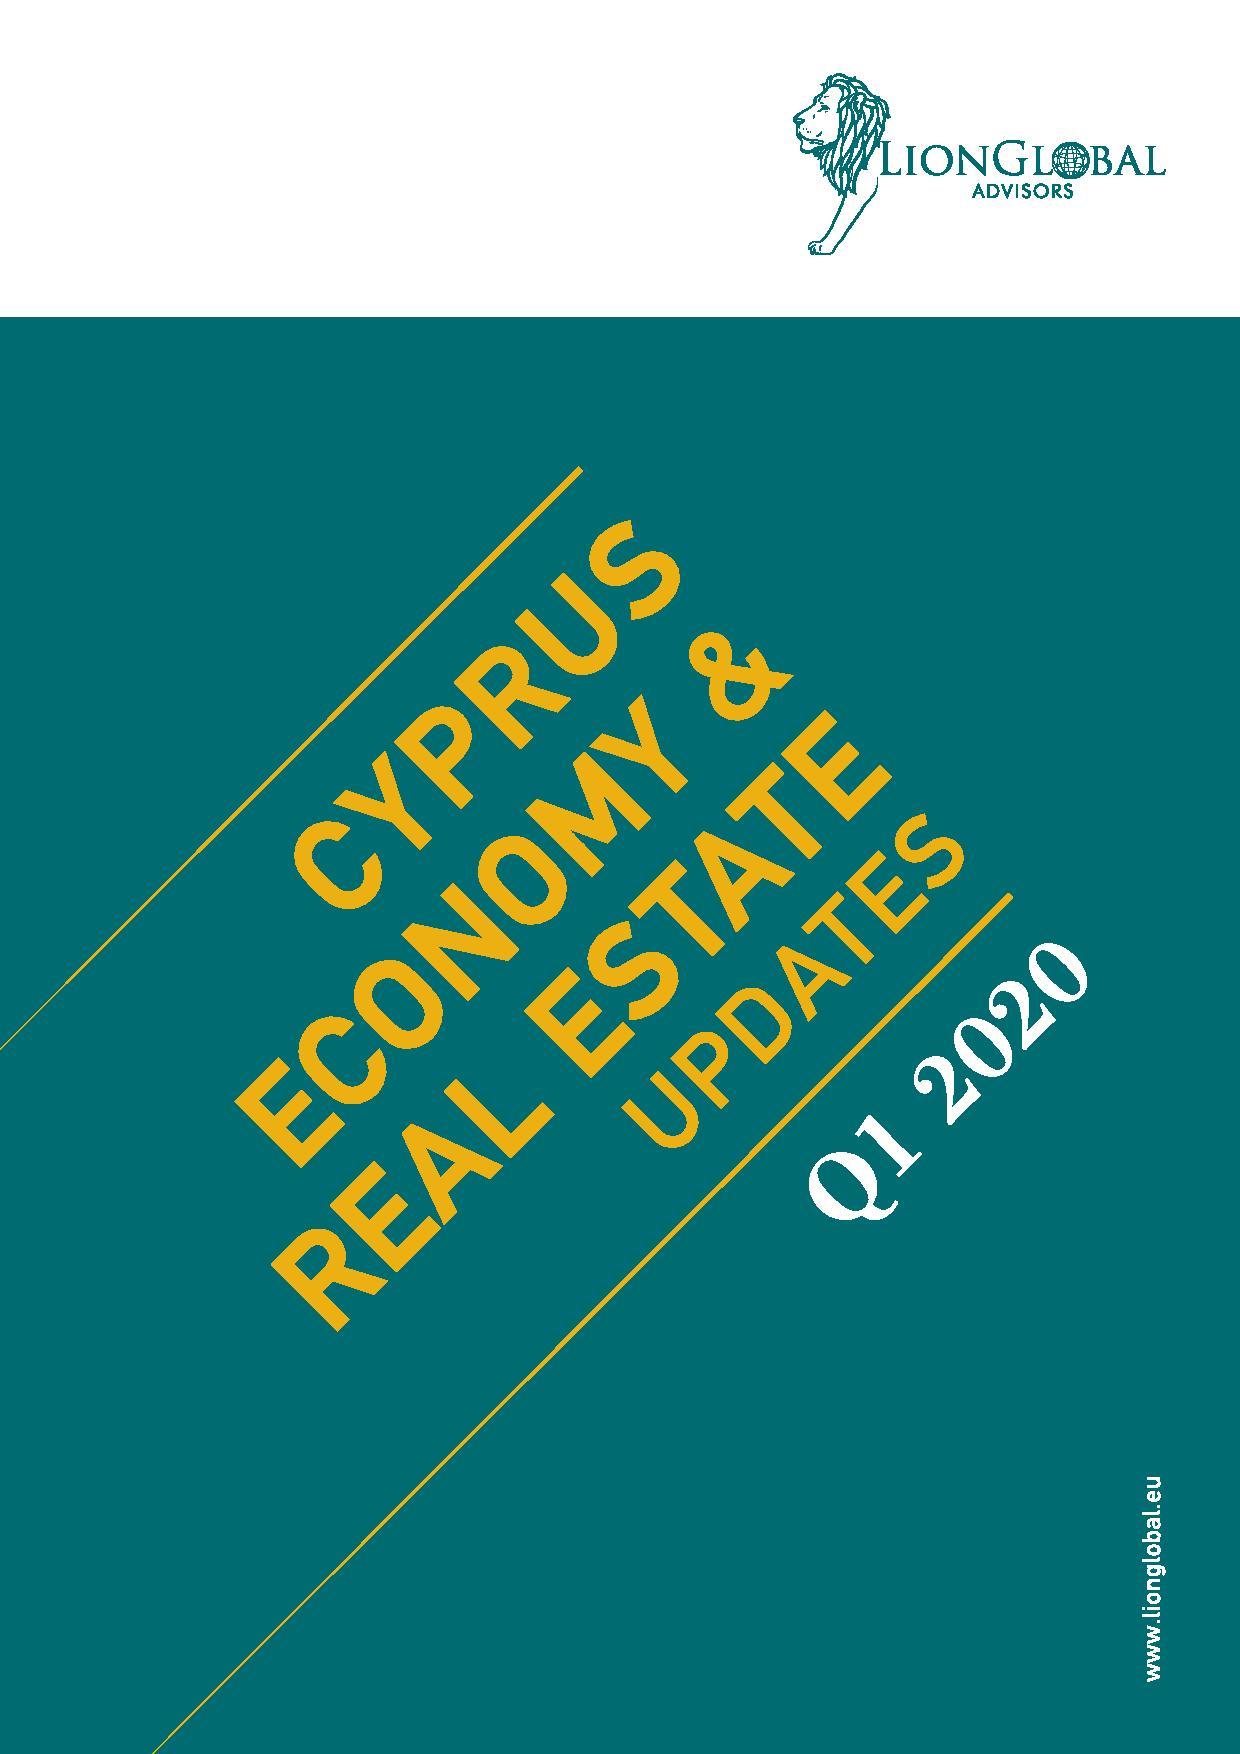 LGA Real Estate Market Report 2020